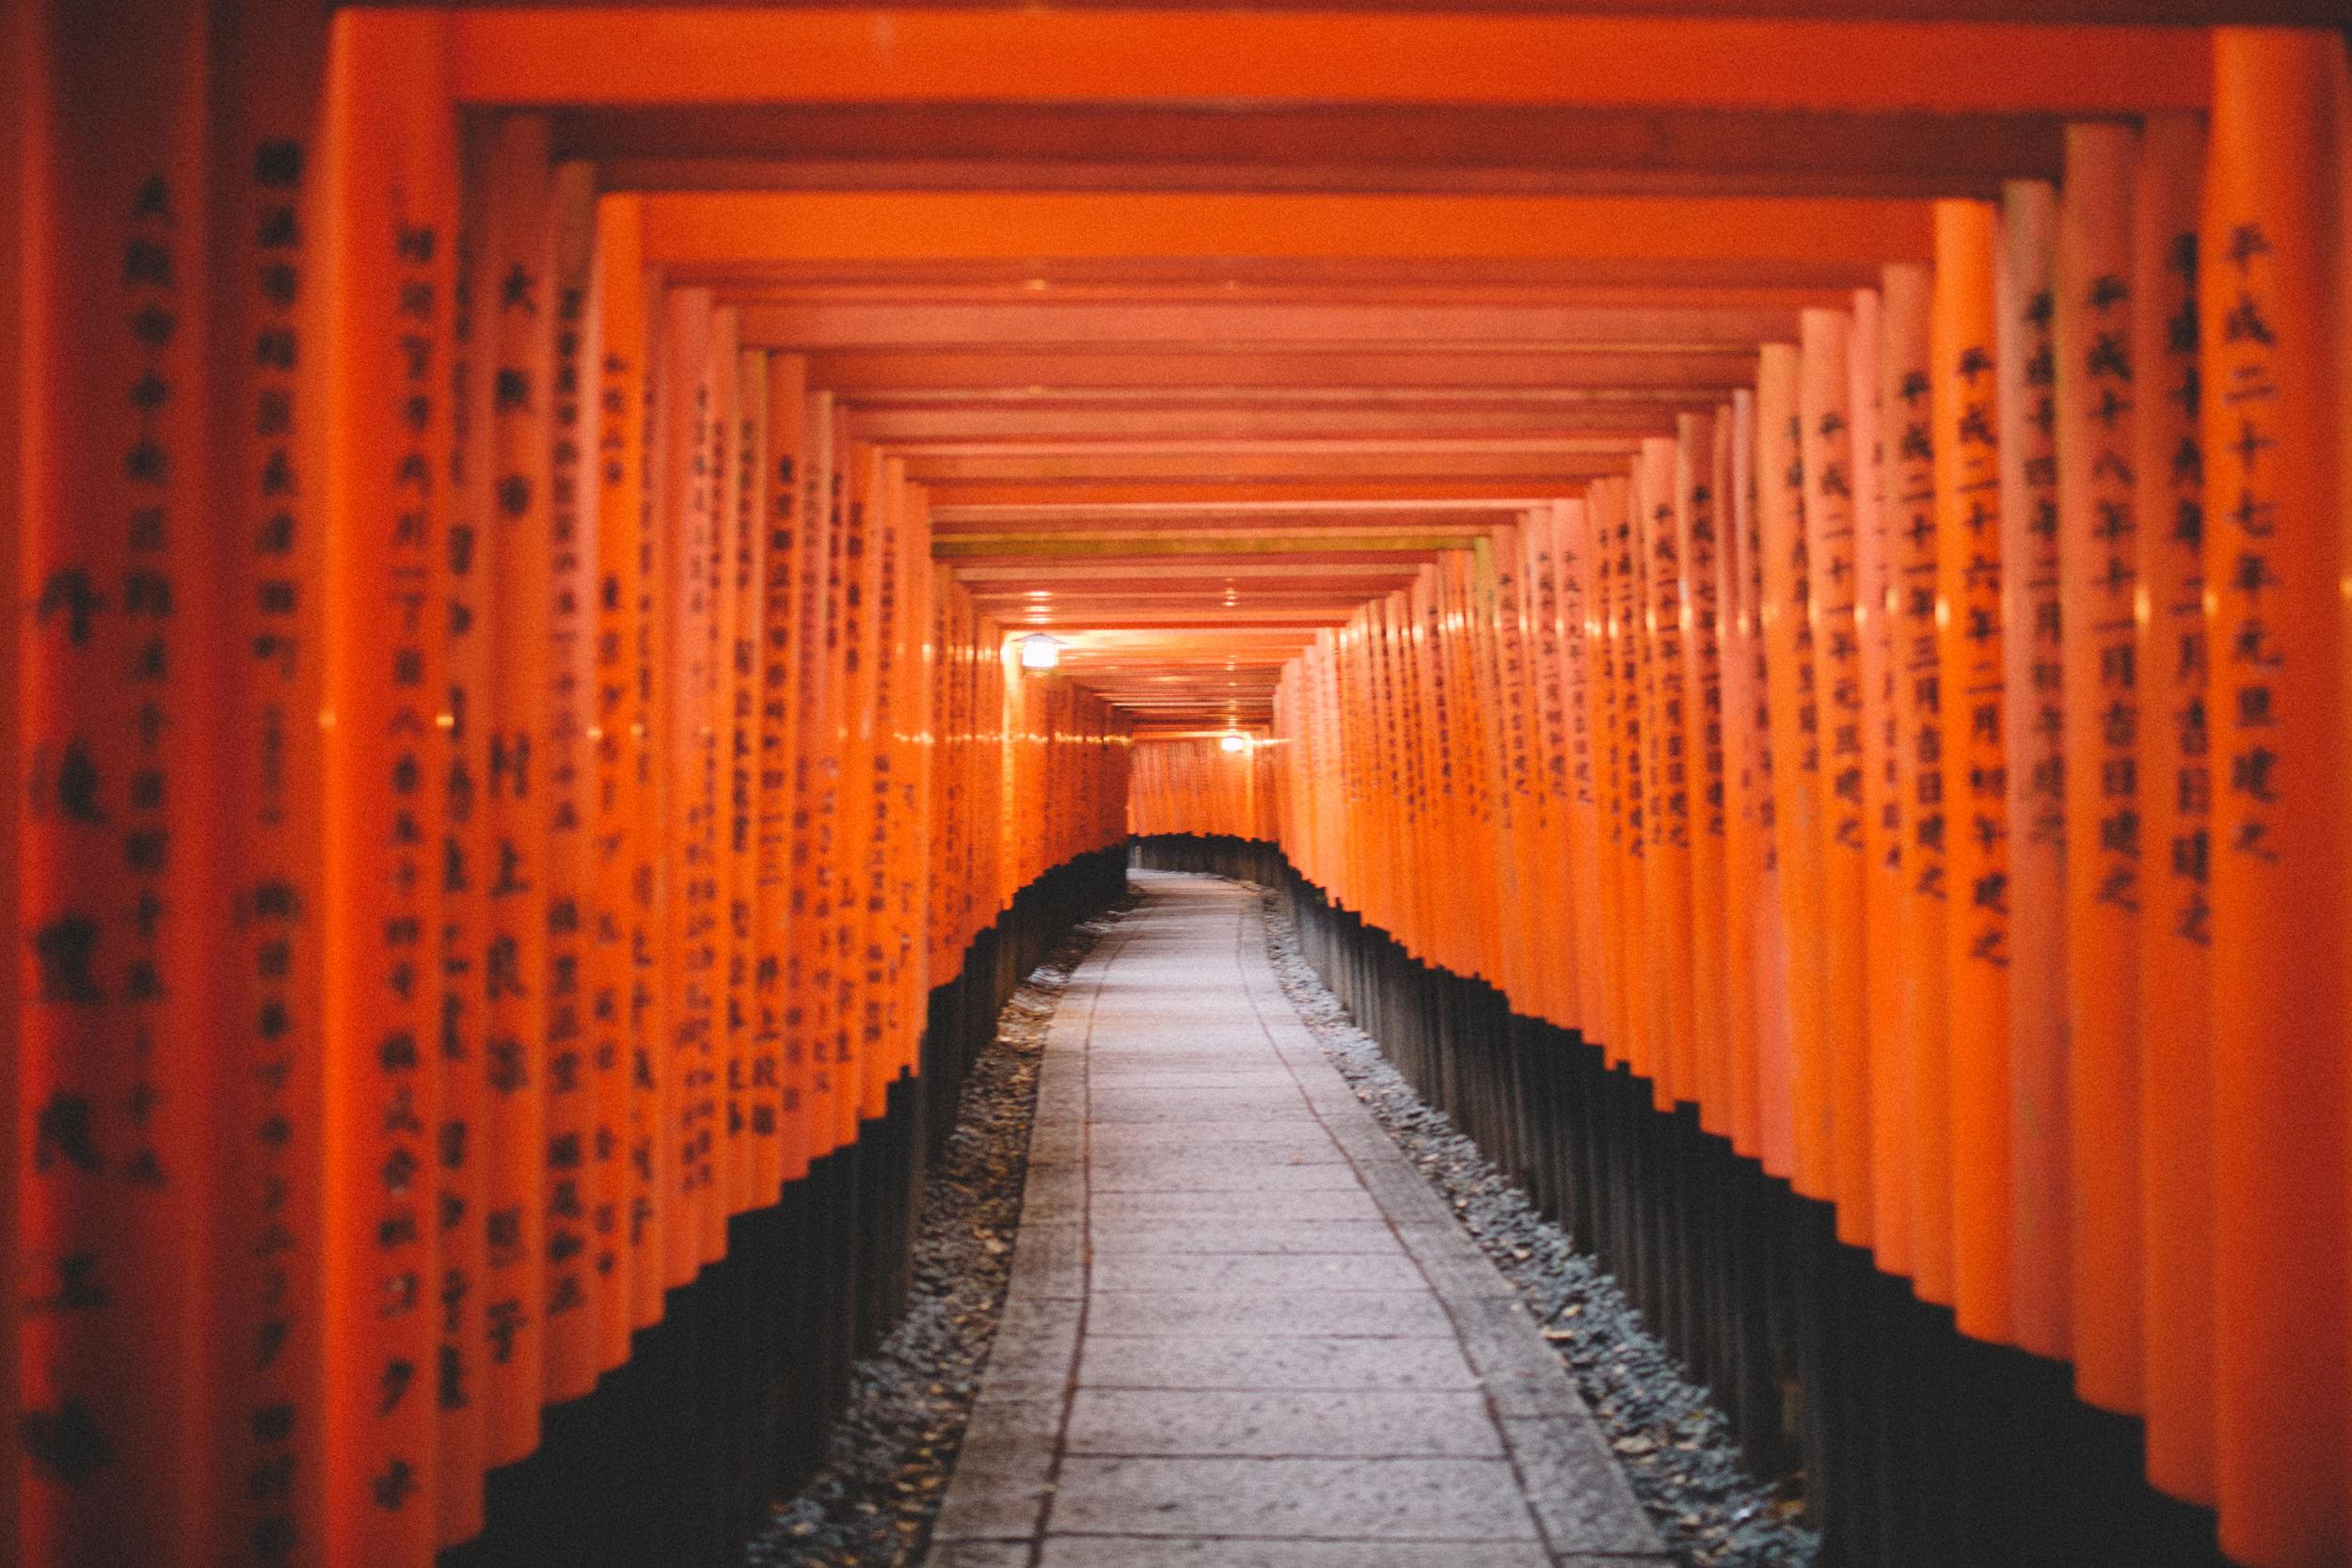 Japan, DC Photography, Dan Chern Photography, Bay Area Photography, Wedding Photography, Travel, Travel Photography, Tokyo, Kyoto, Odaiba, Osaka, Bamboo Grove, Bamboo, 10000 Torii Gates, Shrines